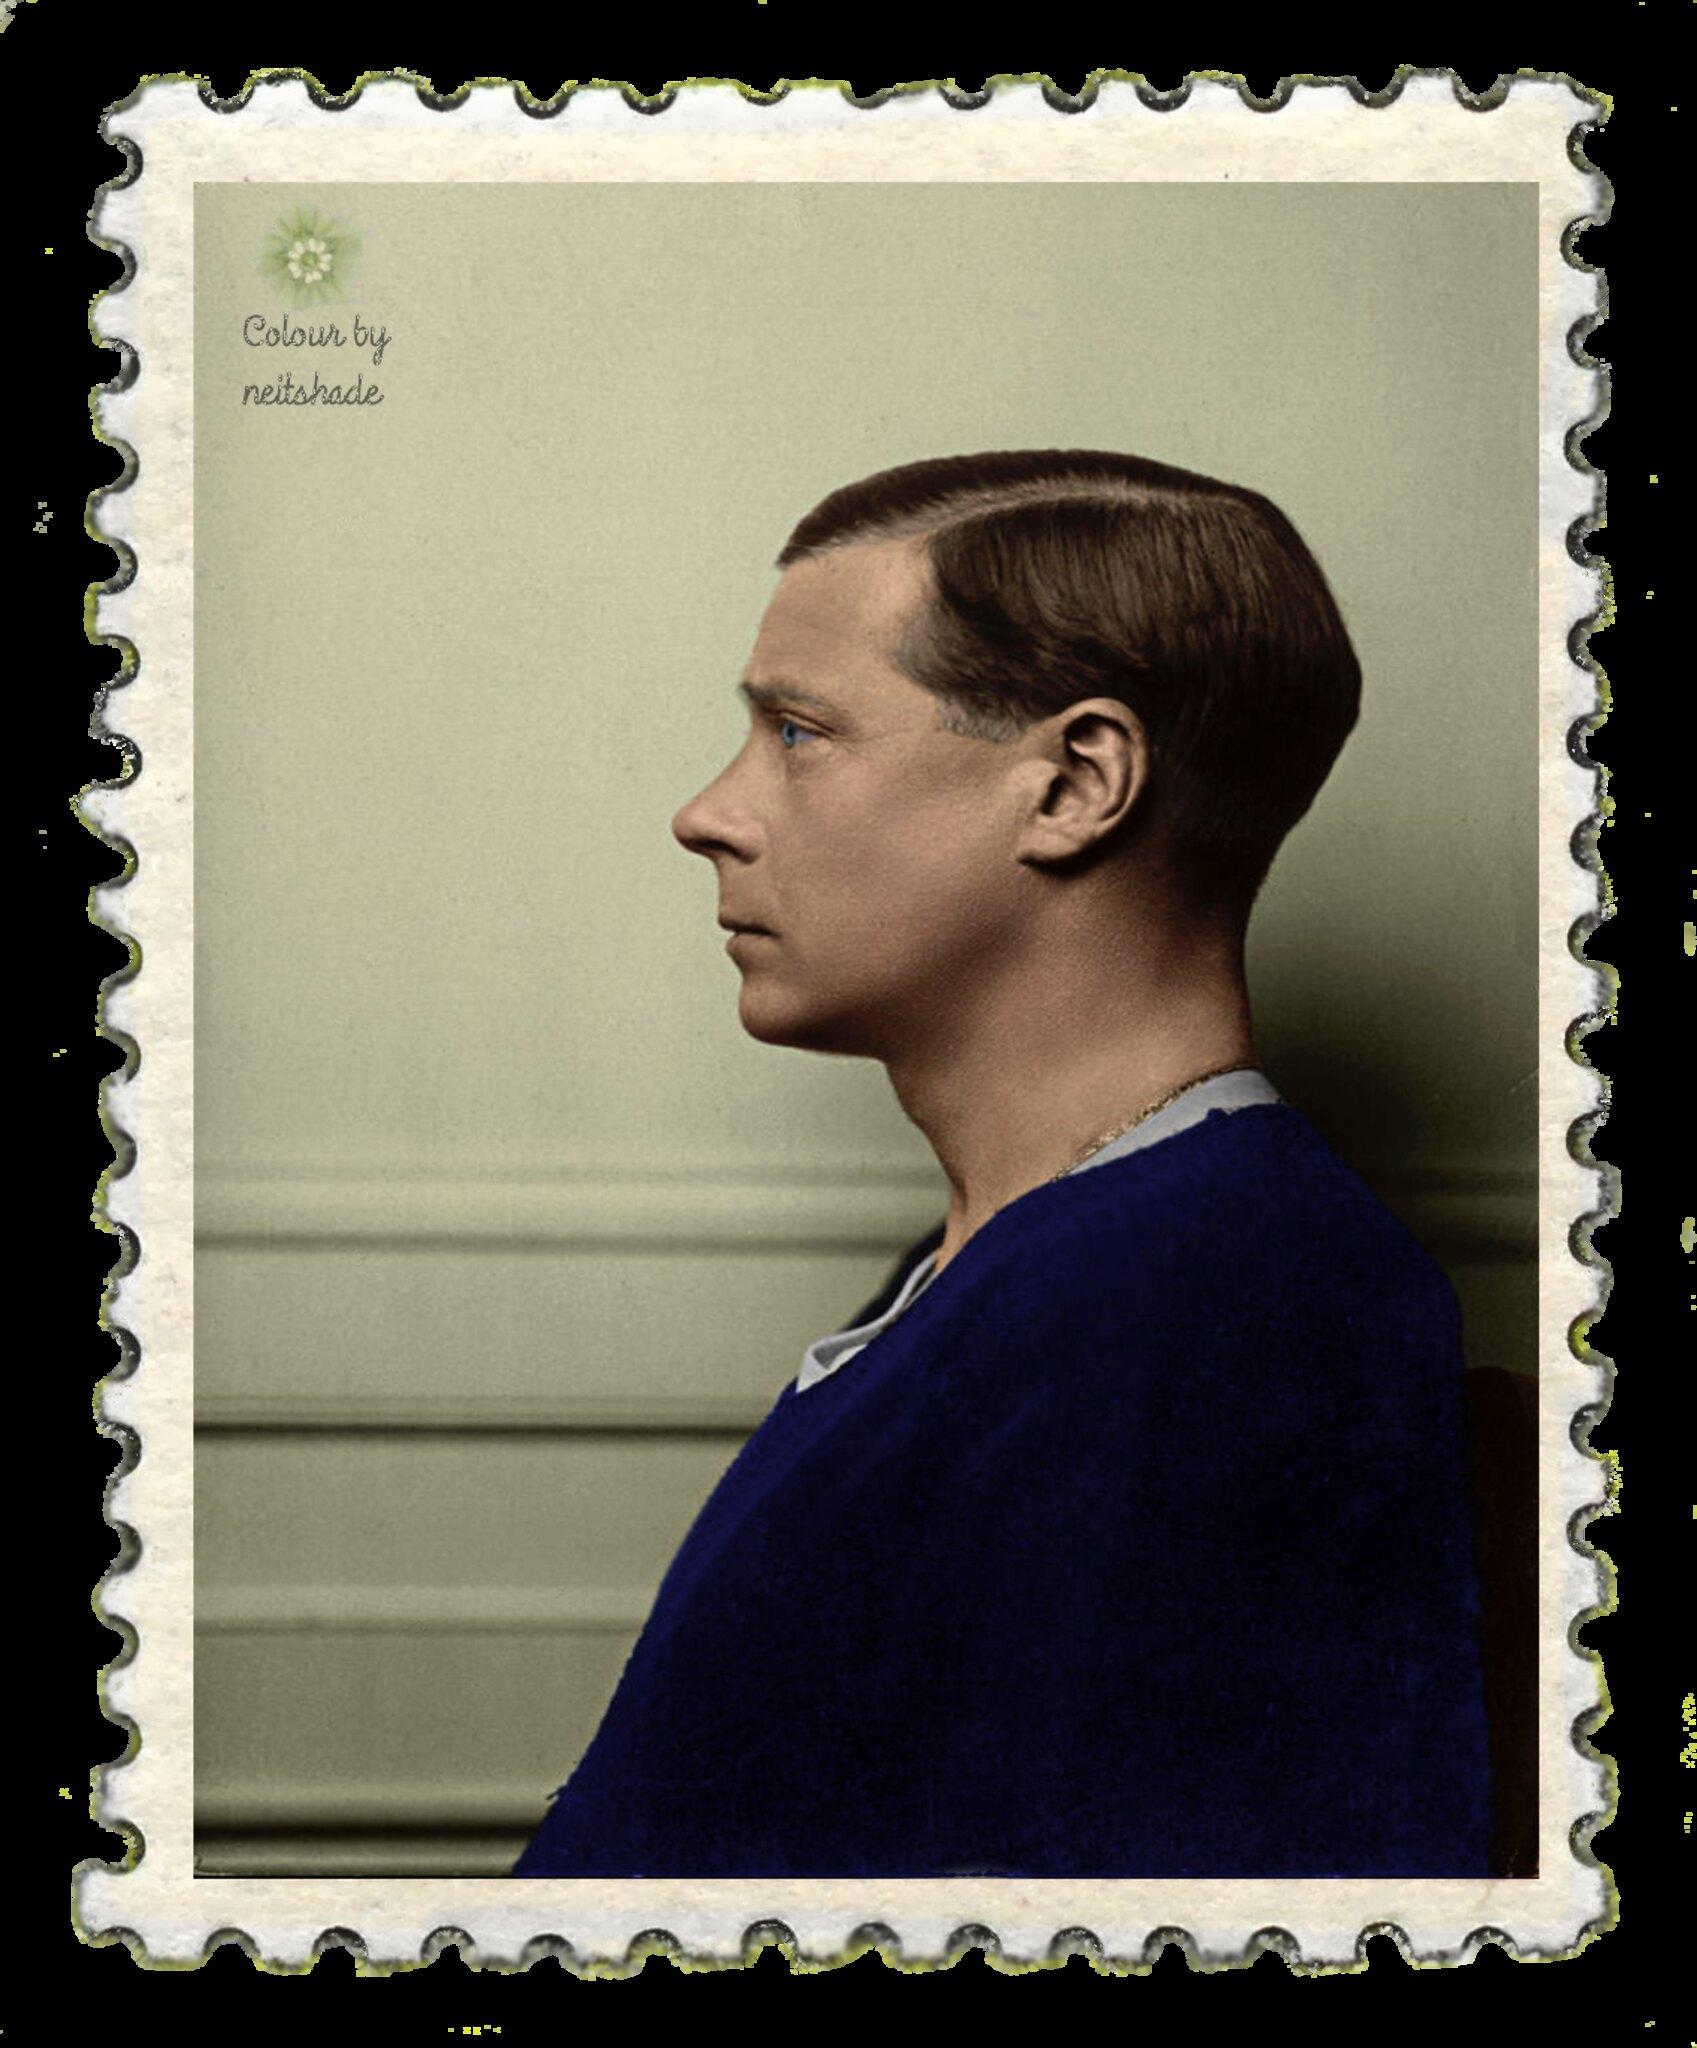 Portrait of Edward VIII by Hugh Cecil, 1936.